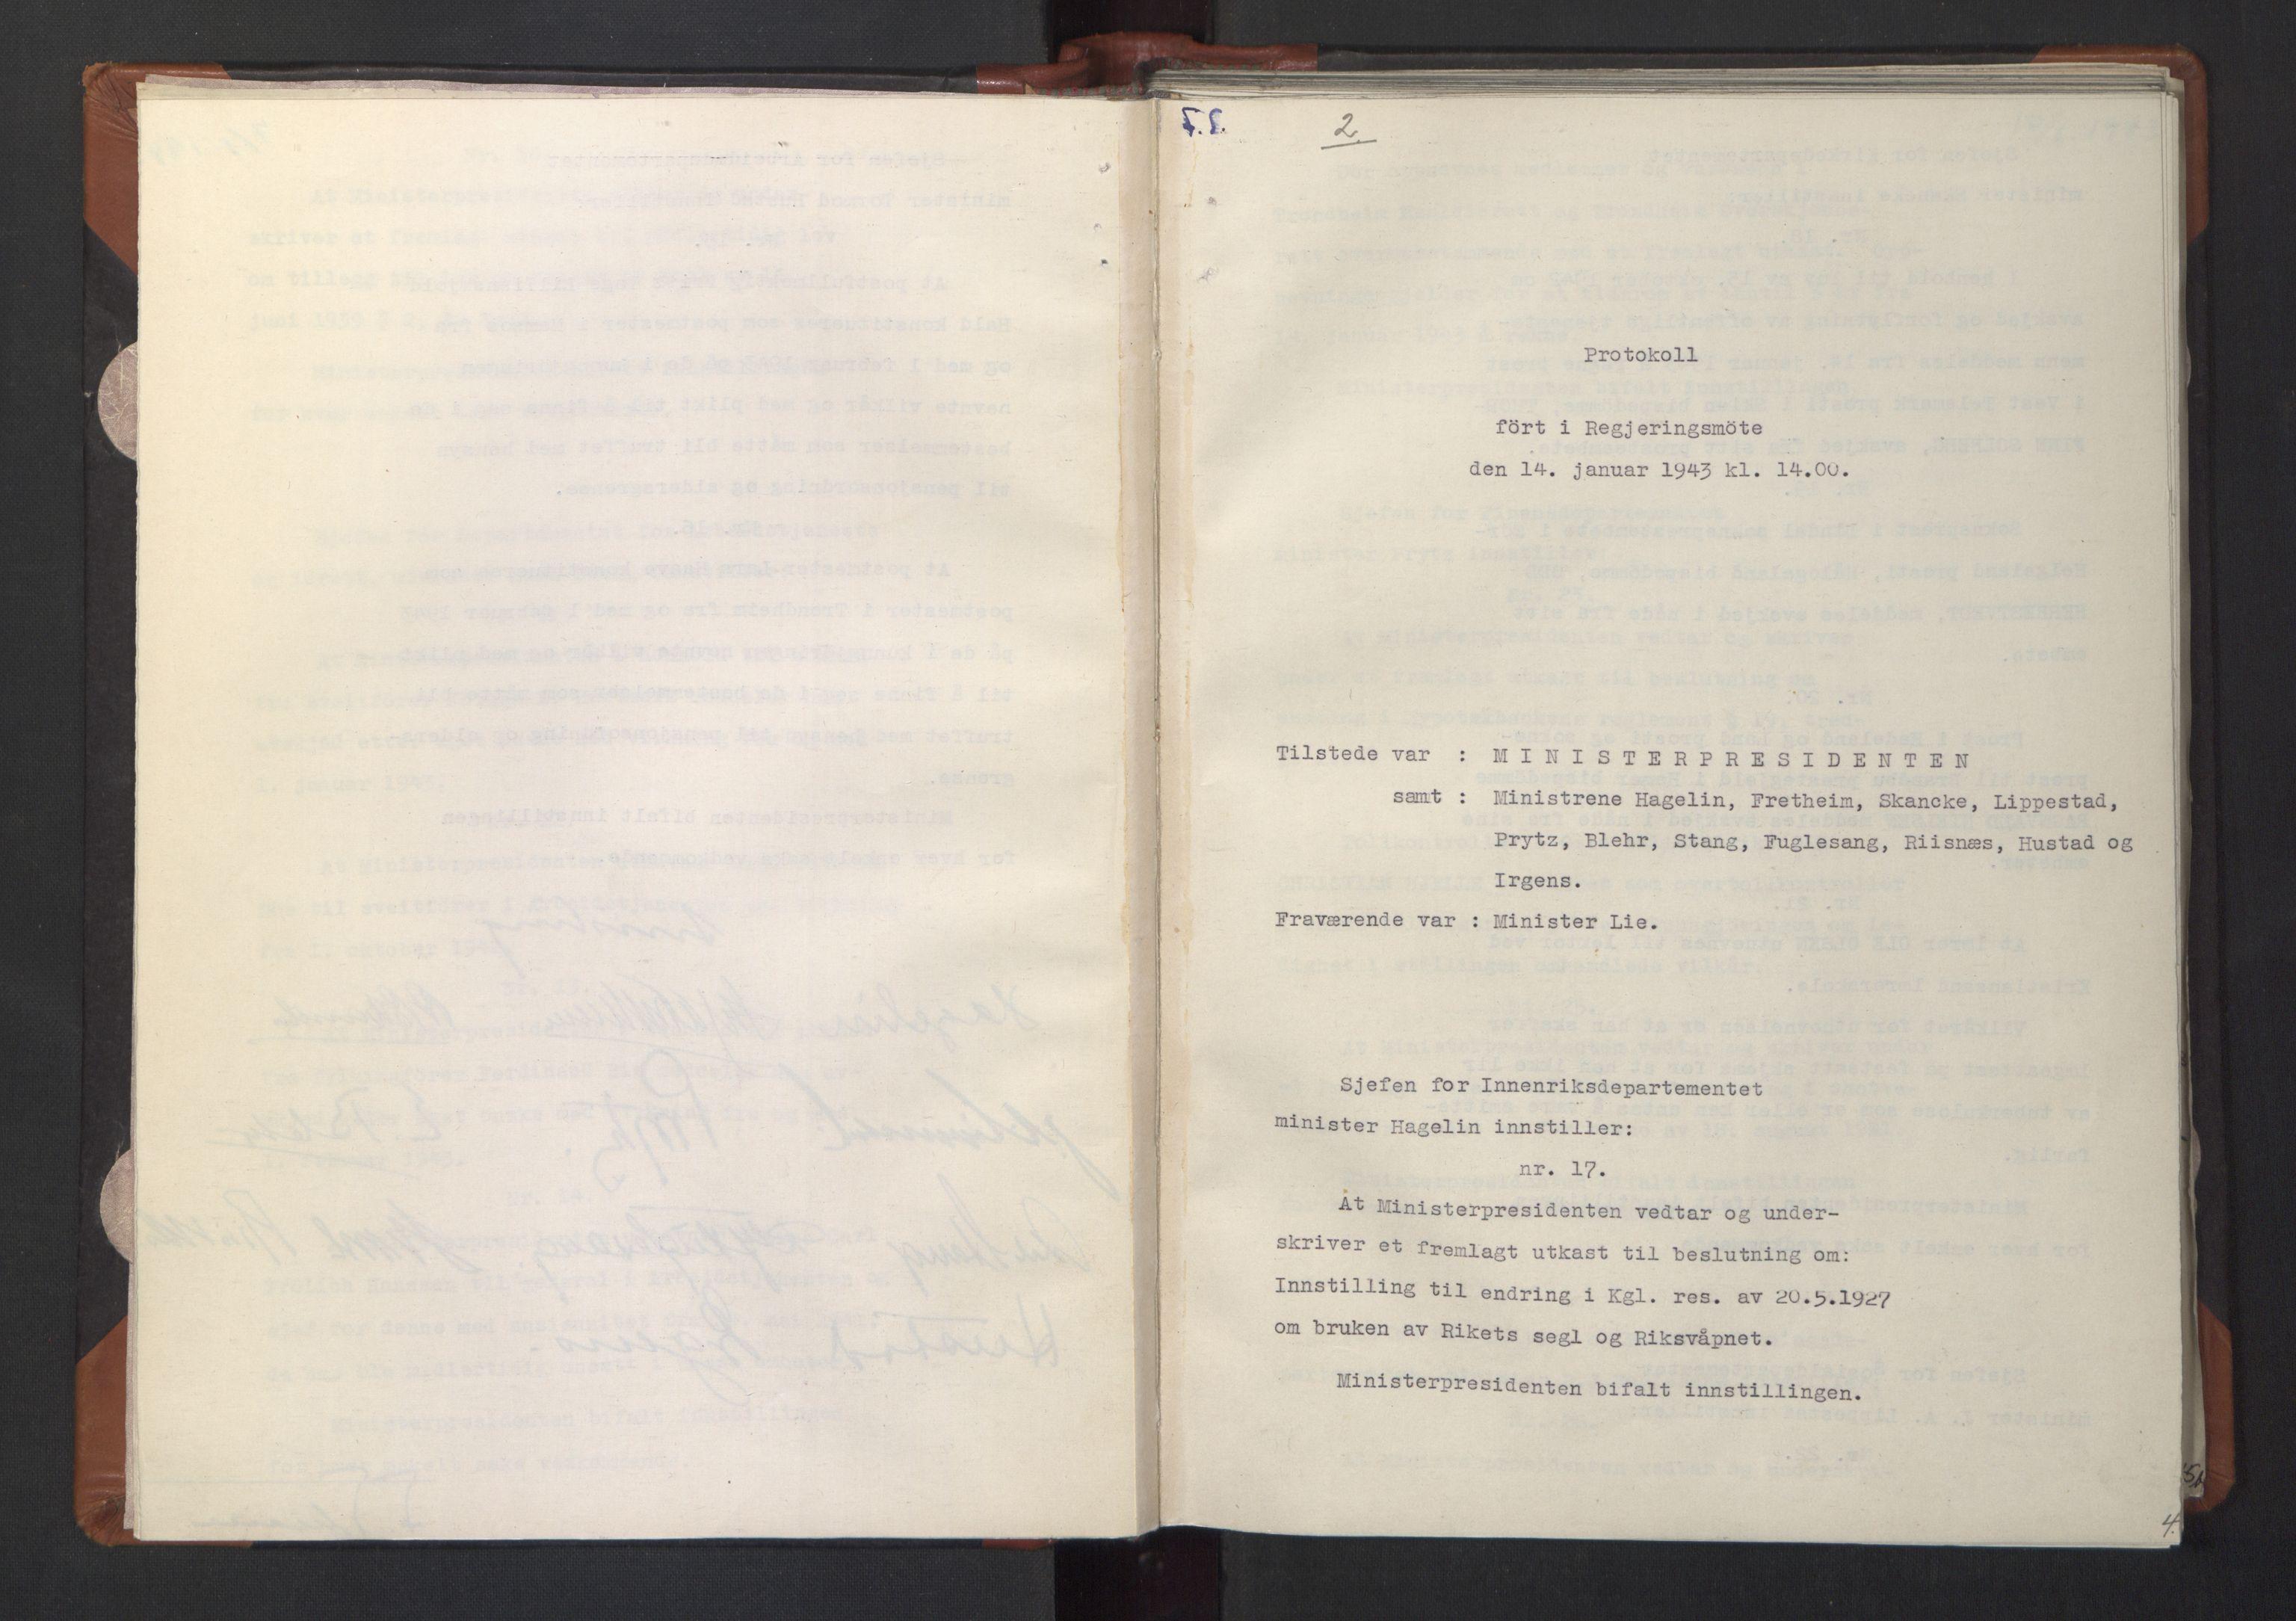 RA, NS-administrasjonen 1940-1945 (Statsrådsekretariatet, de kommisariske statsråder mm), D/Da/L0003: Vedtak (Beslutninger) nr. 1-746 og tillegg nr. 1-47 (RA. j.nr. 1394/1944, tilgangsnr. 8/1944, 1943, s. 3b-4a